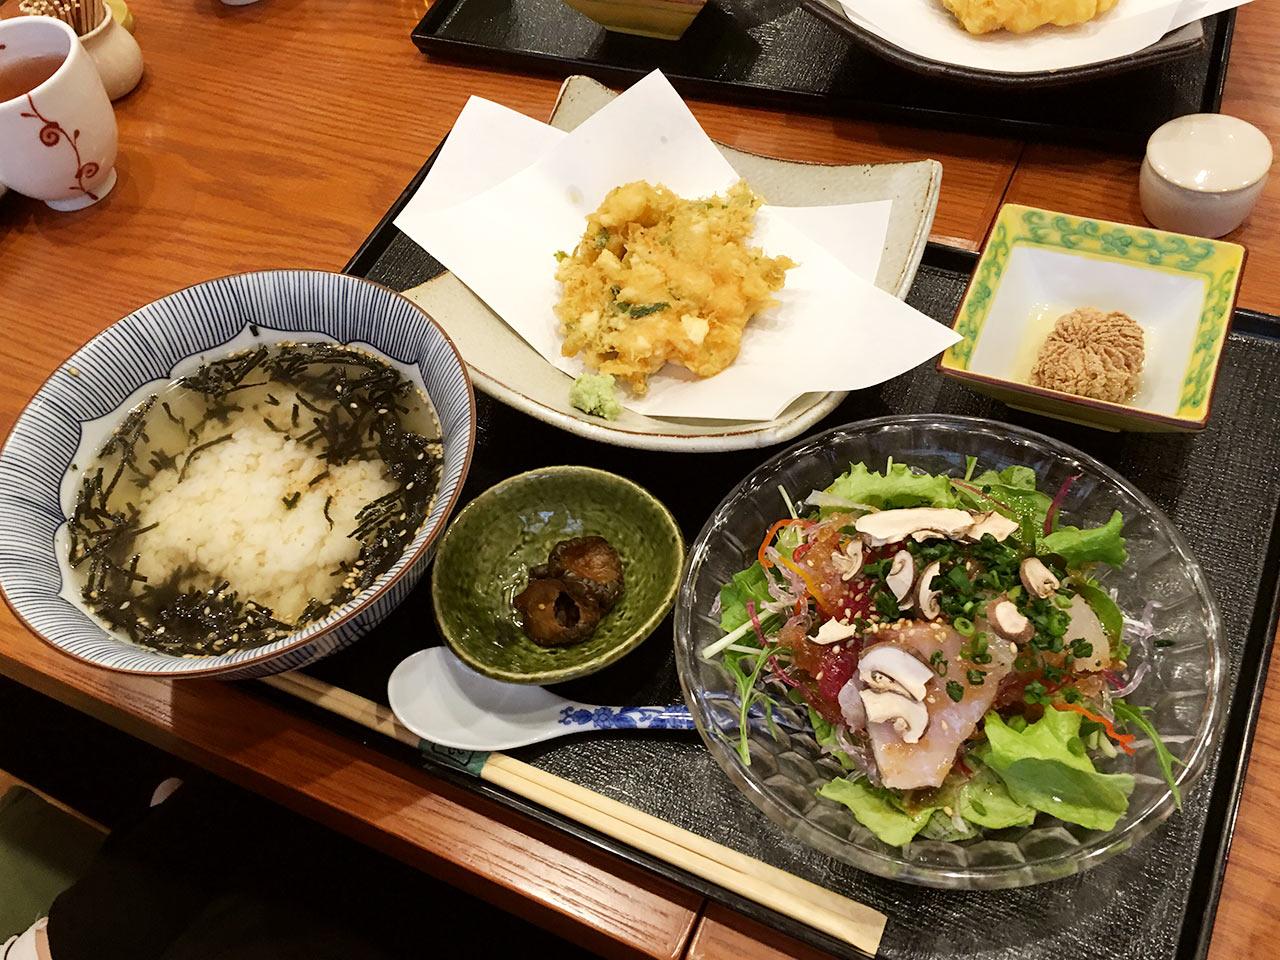 天ぷら割烹うさぎの土日限定メニューの天茶